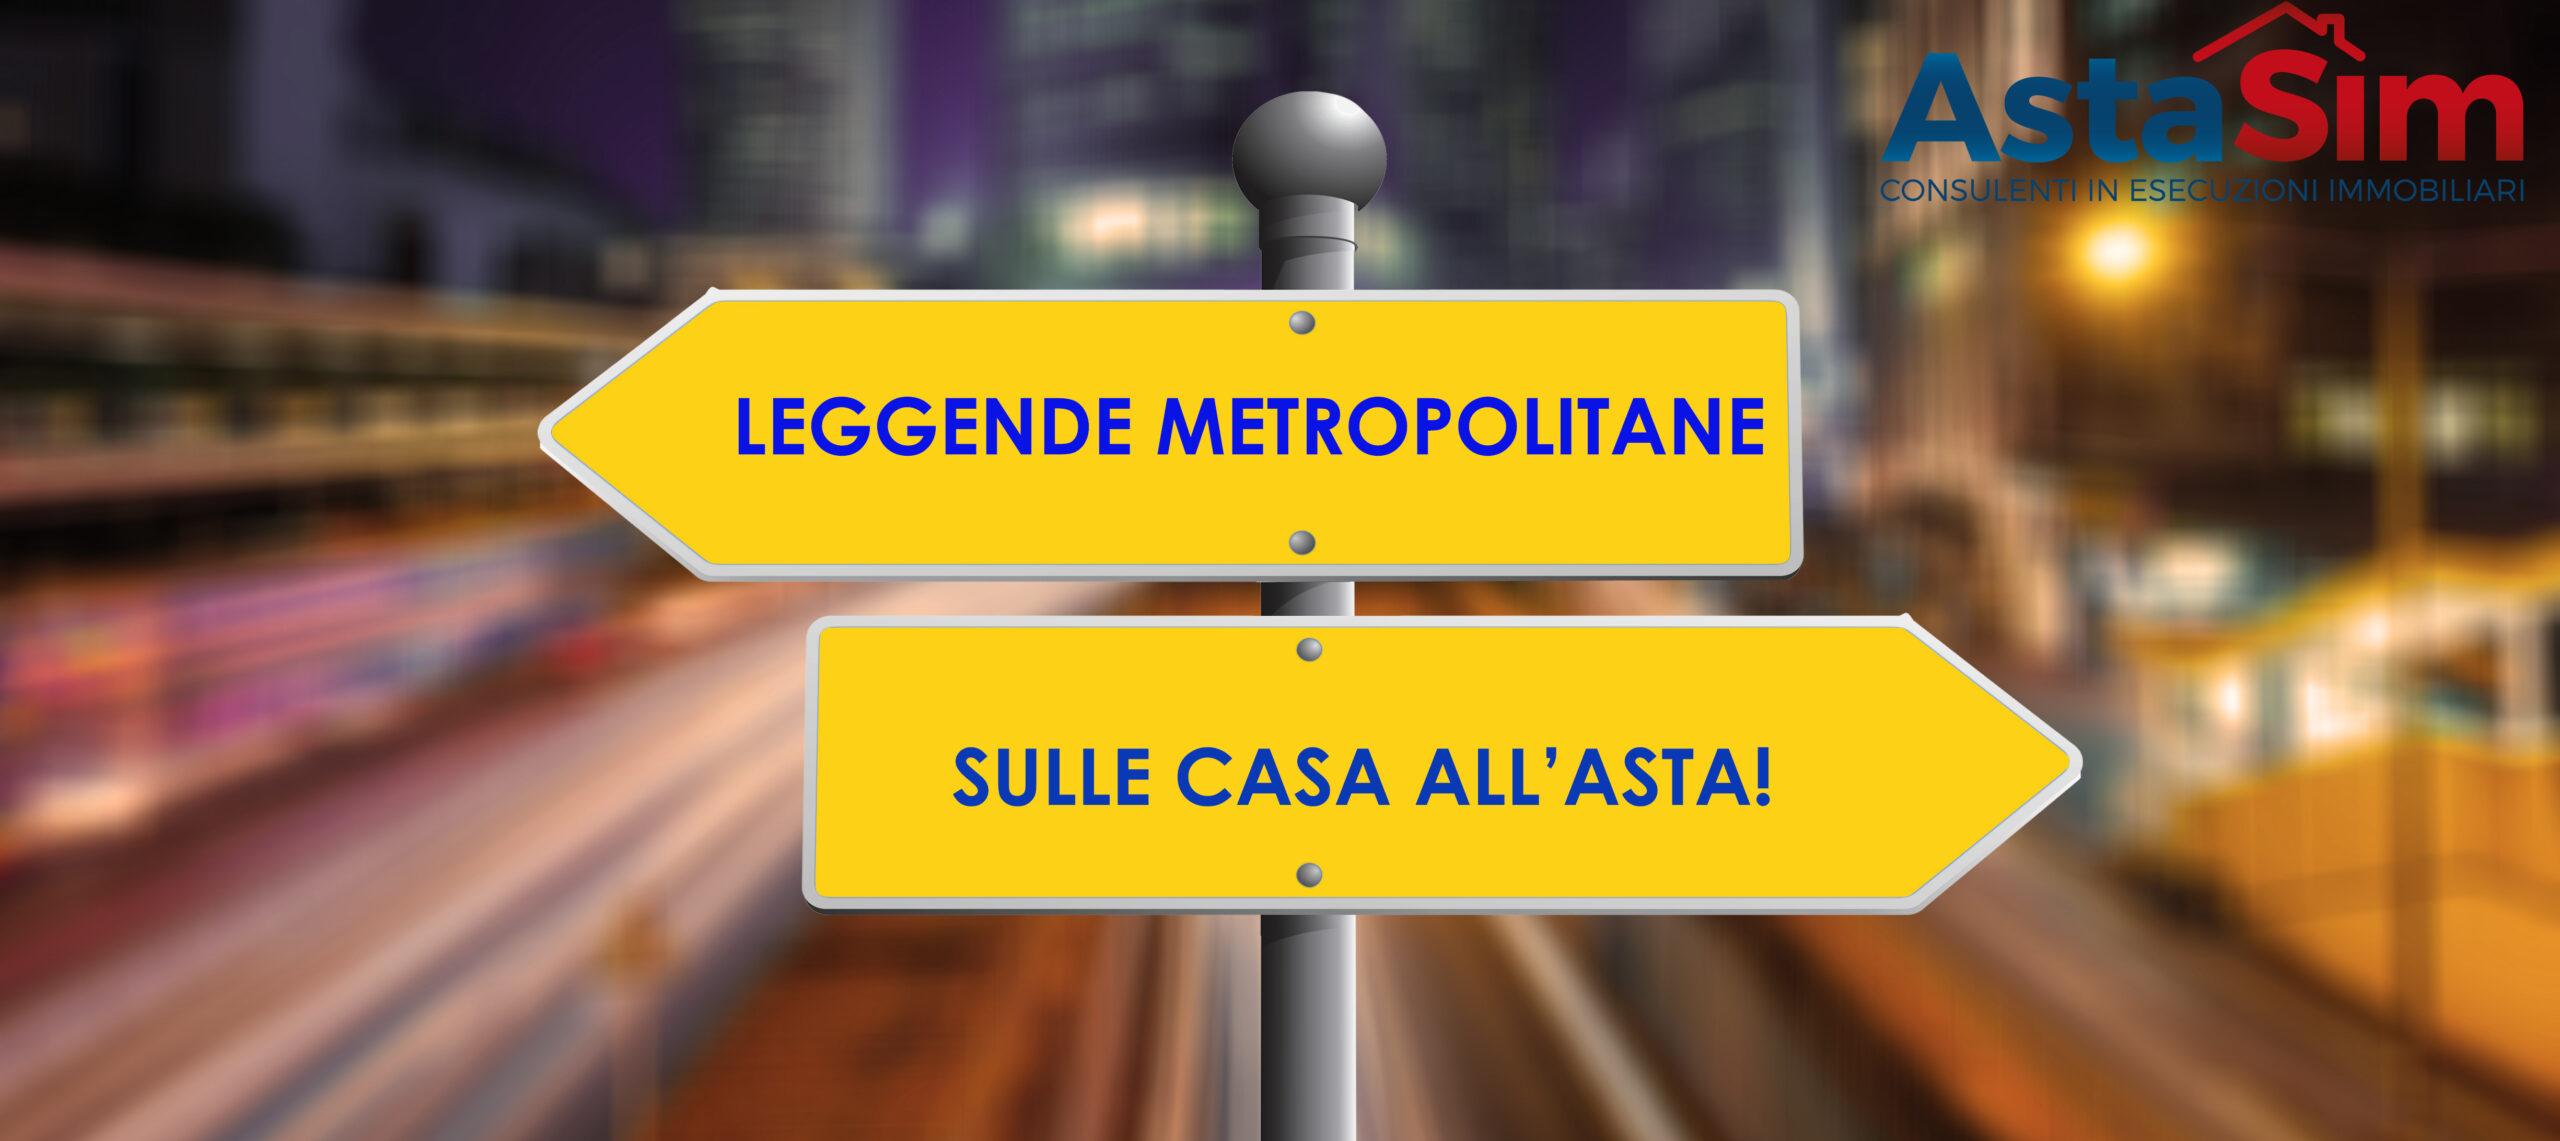 LEGGENDE METROPOLITANE SULLE CASE ALL'ASTA!